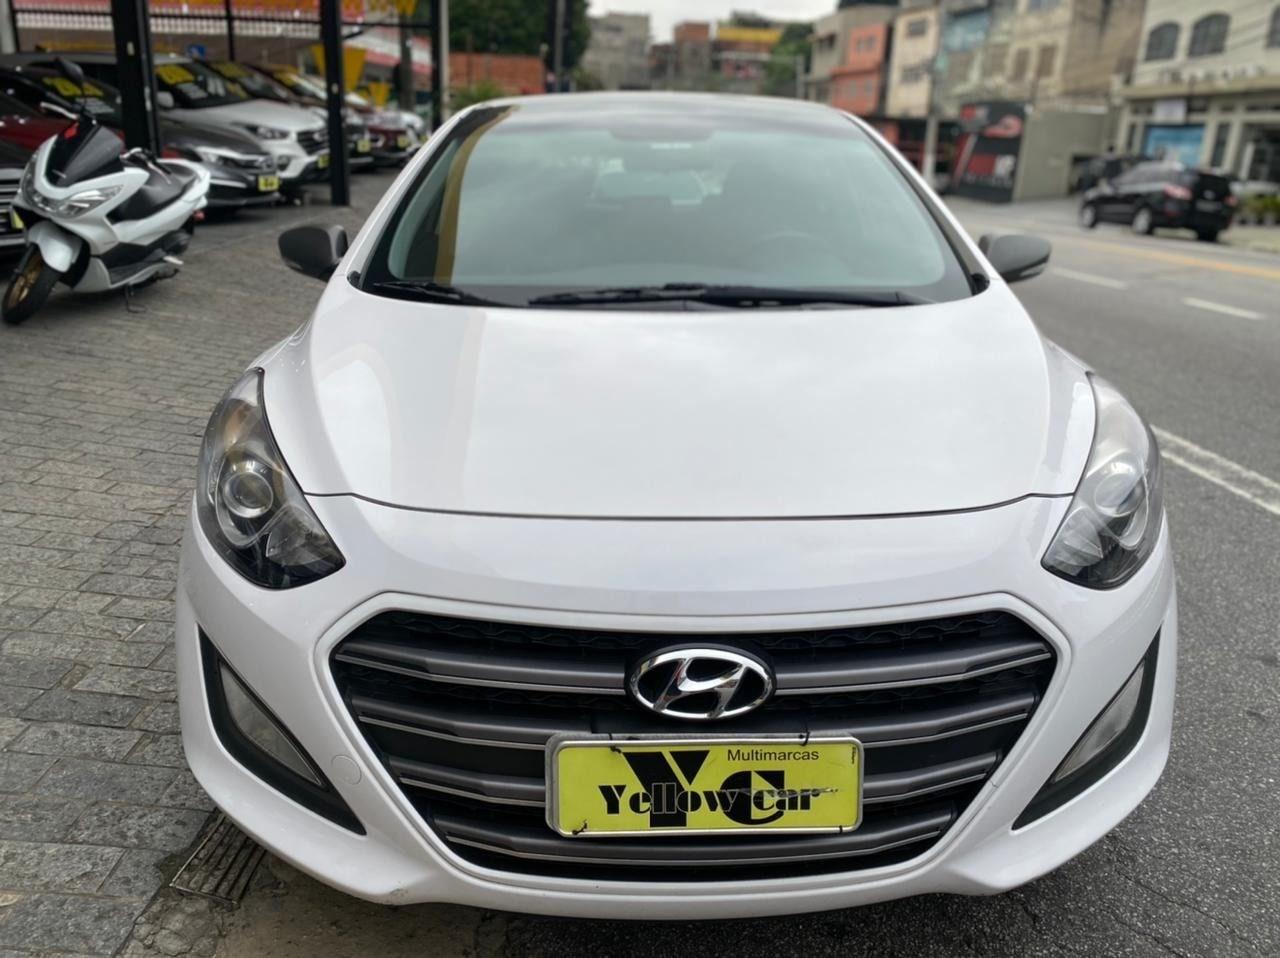 //www.autoline.com.br/carro/hyundai/i30-18-serie-limitada-16v-150cv-4p-gasolina-autom/2016/sao-paulo-sp/13605908